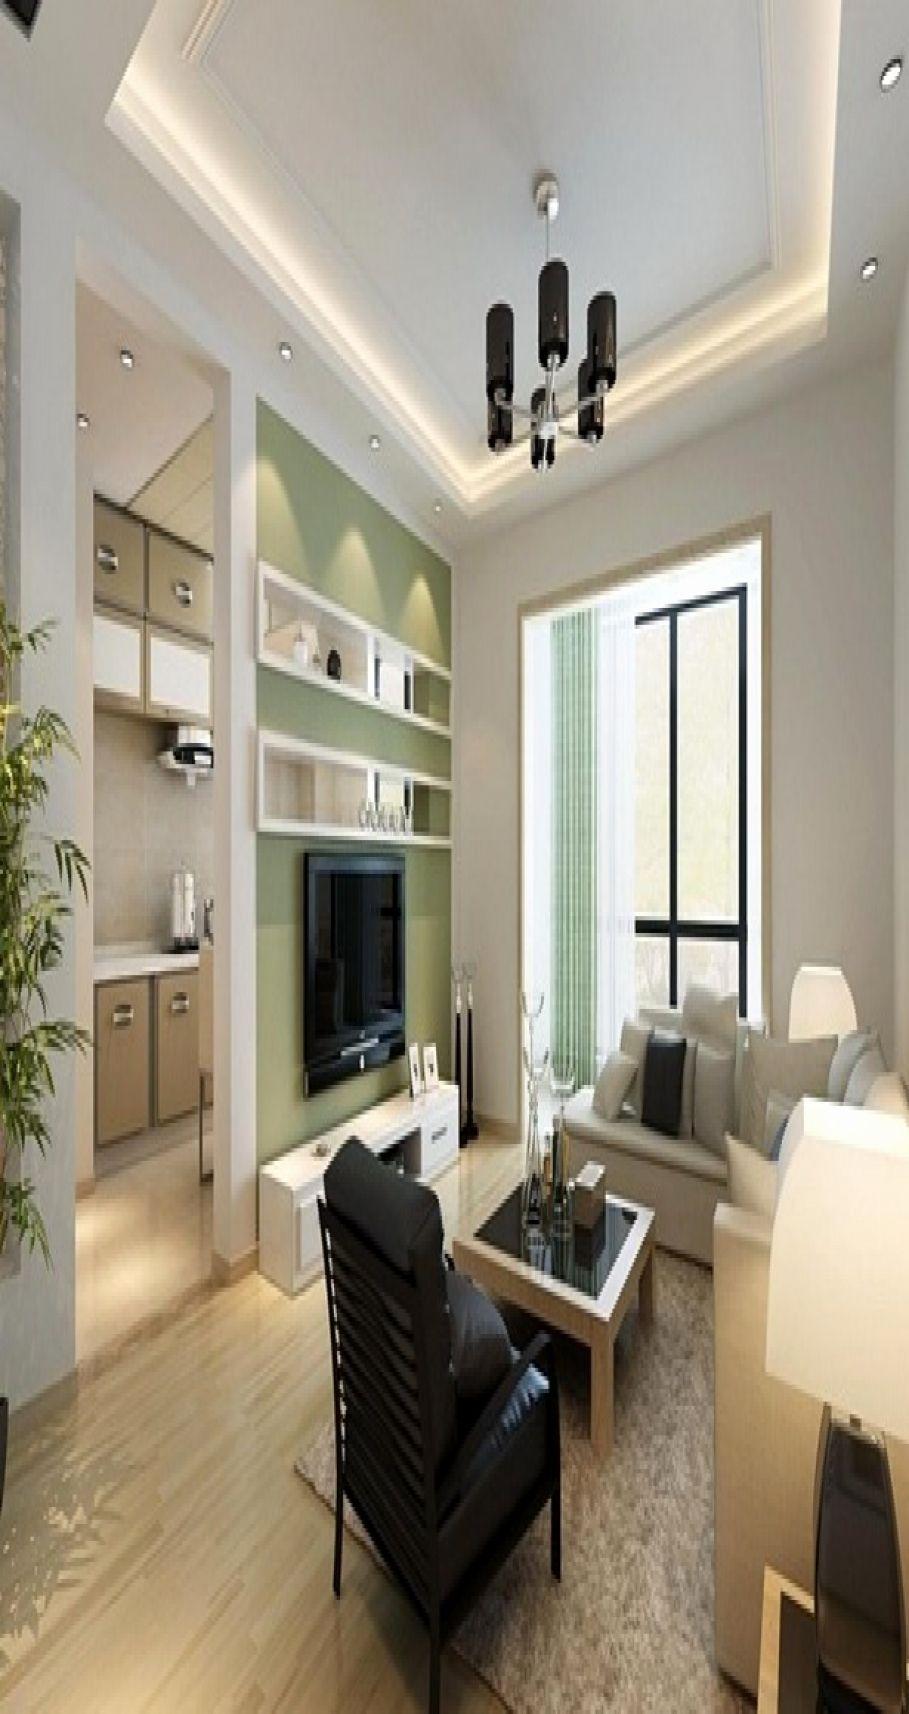 6 Schön Wohnzimmer Renovieren Ideen in 6  Living room modern